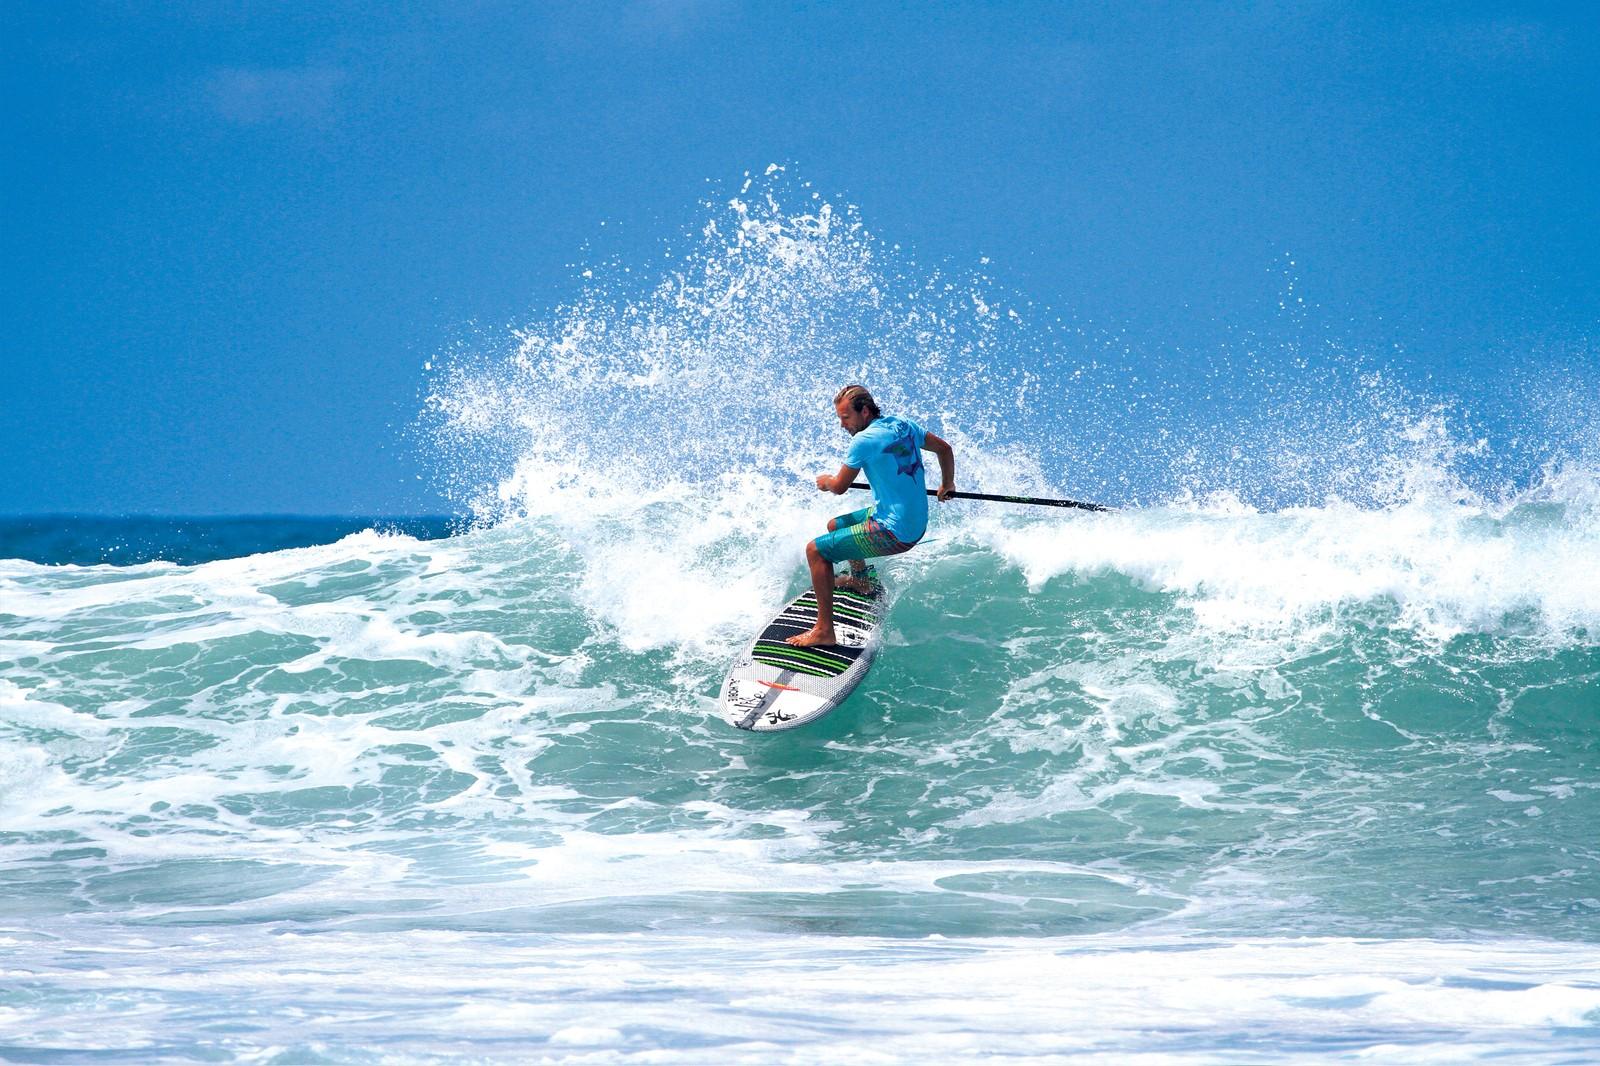 2016 Hobie SUP - CM Pro - Action - Surf - Colin 2